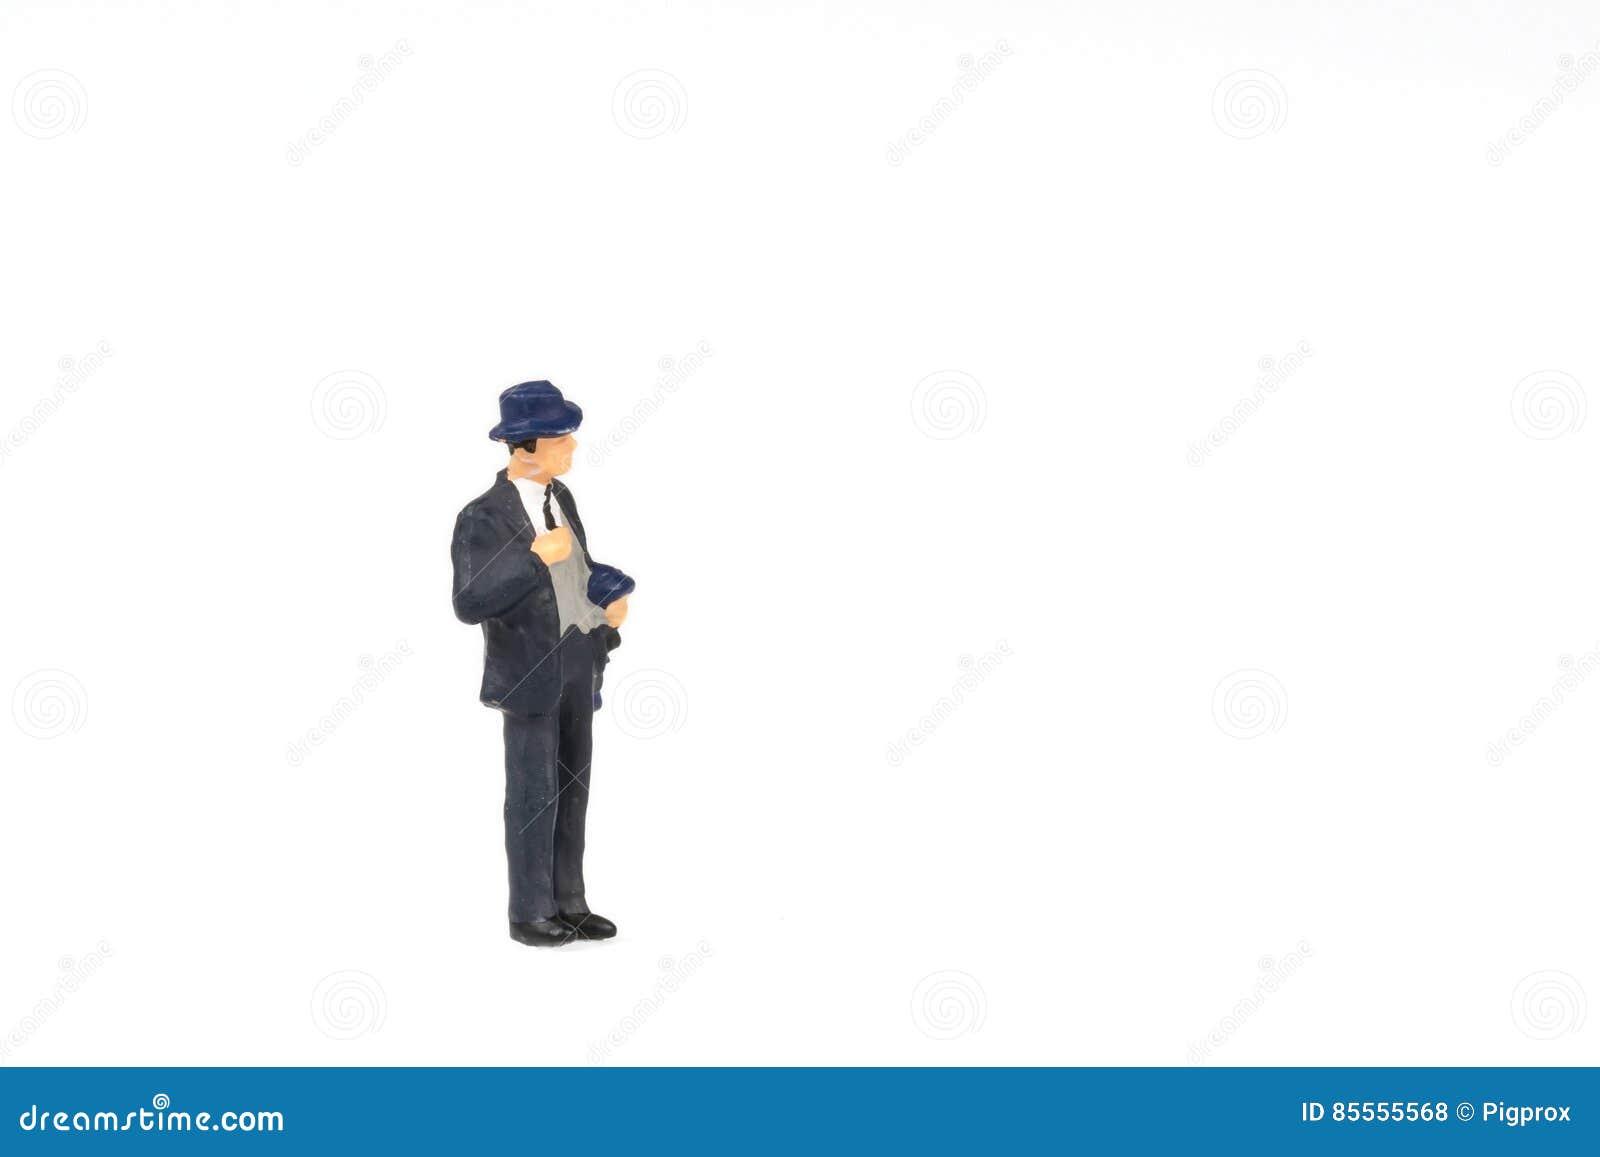 Miniaturleutegeschäftsreisender auf Hintergrund mit Raum für